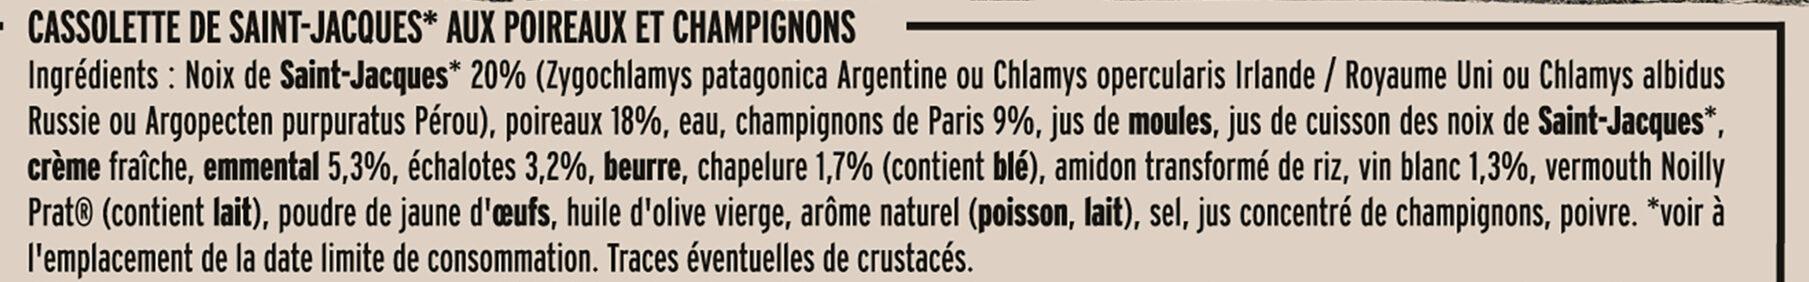 Cassolette St-Jacques Poireaux et Champignons - Ingrédients - fr